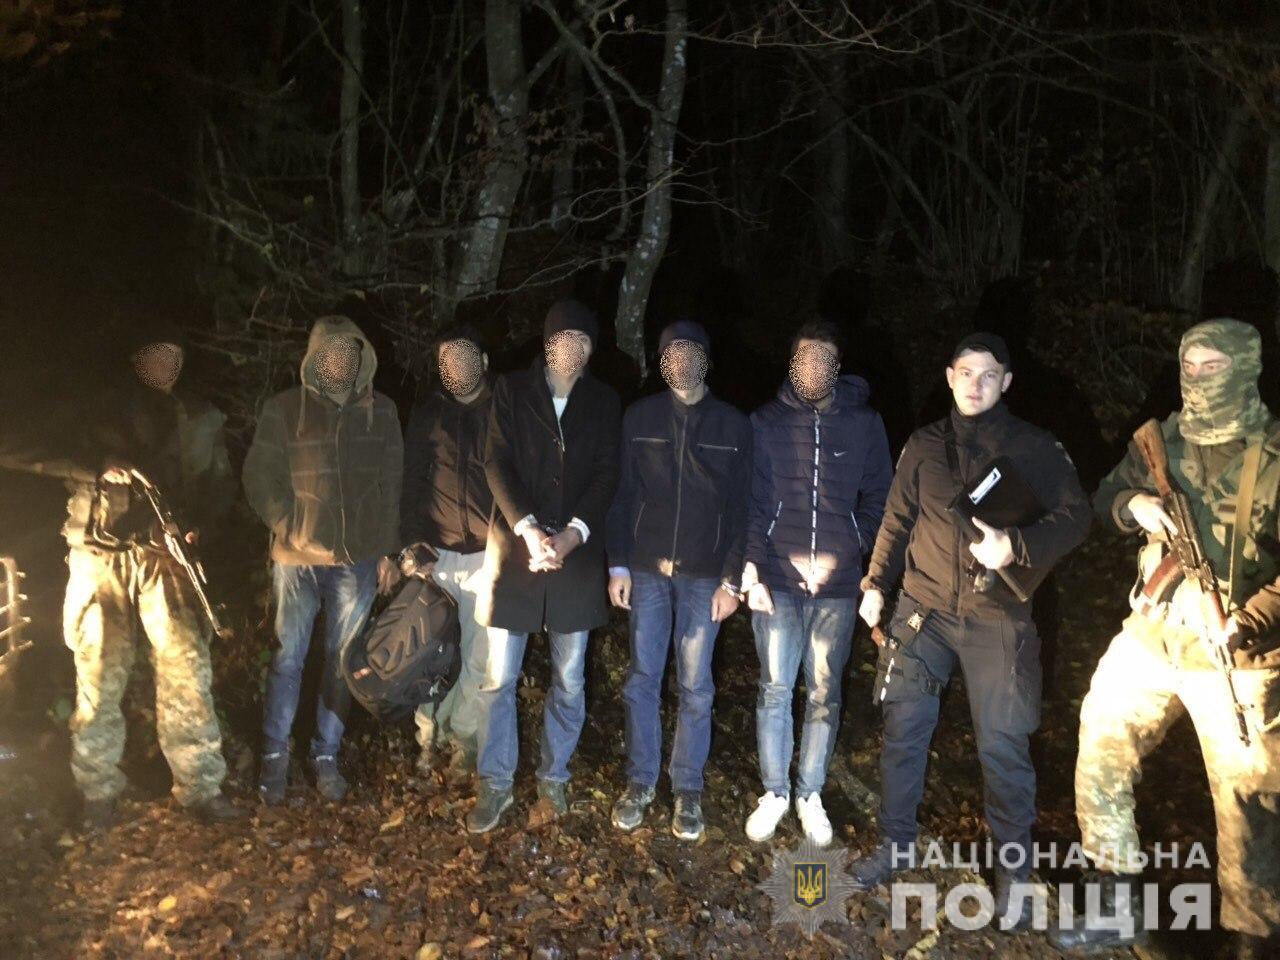 Поліція Великого Березного розпочала слідство за фактом незаконного переправлення осіб через державний кордон